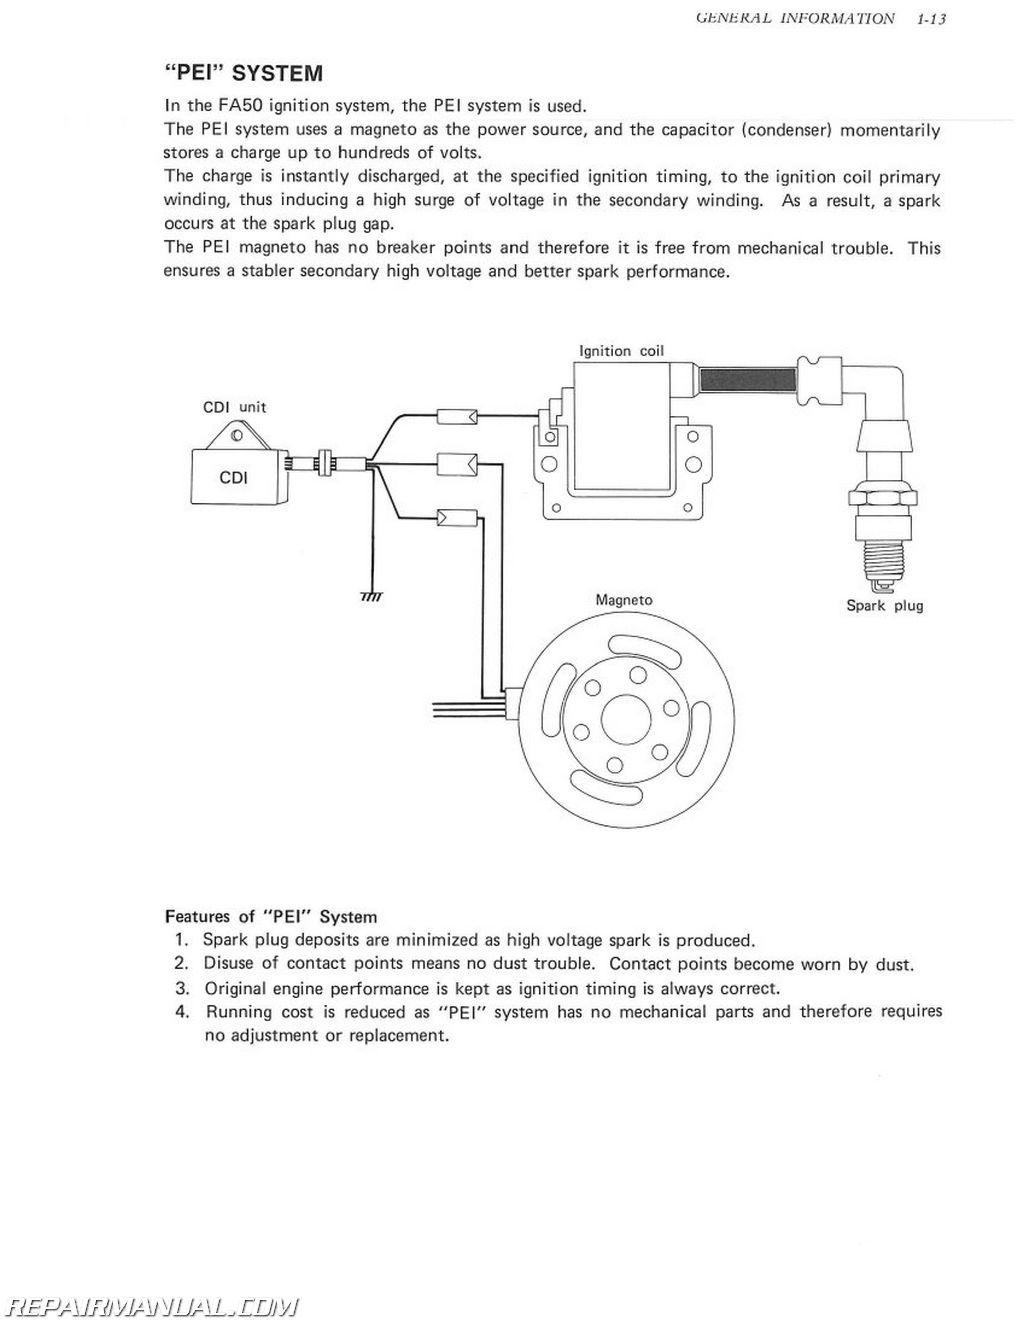 1980-1991 Suzuki FA50 Moped Service Manual | 1980 Suzuki Fa50 Wiring Diagram |  | - Repair Manuals Online